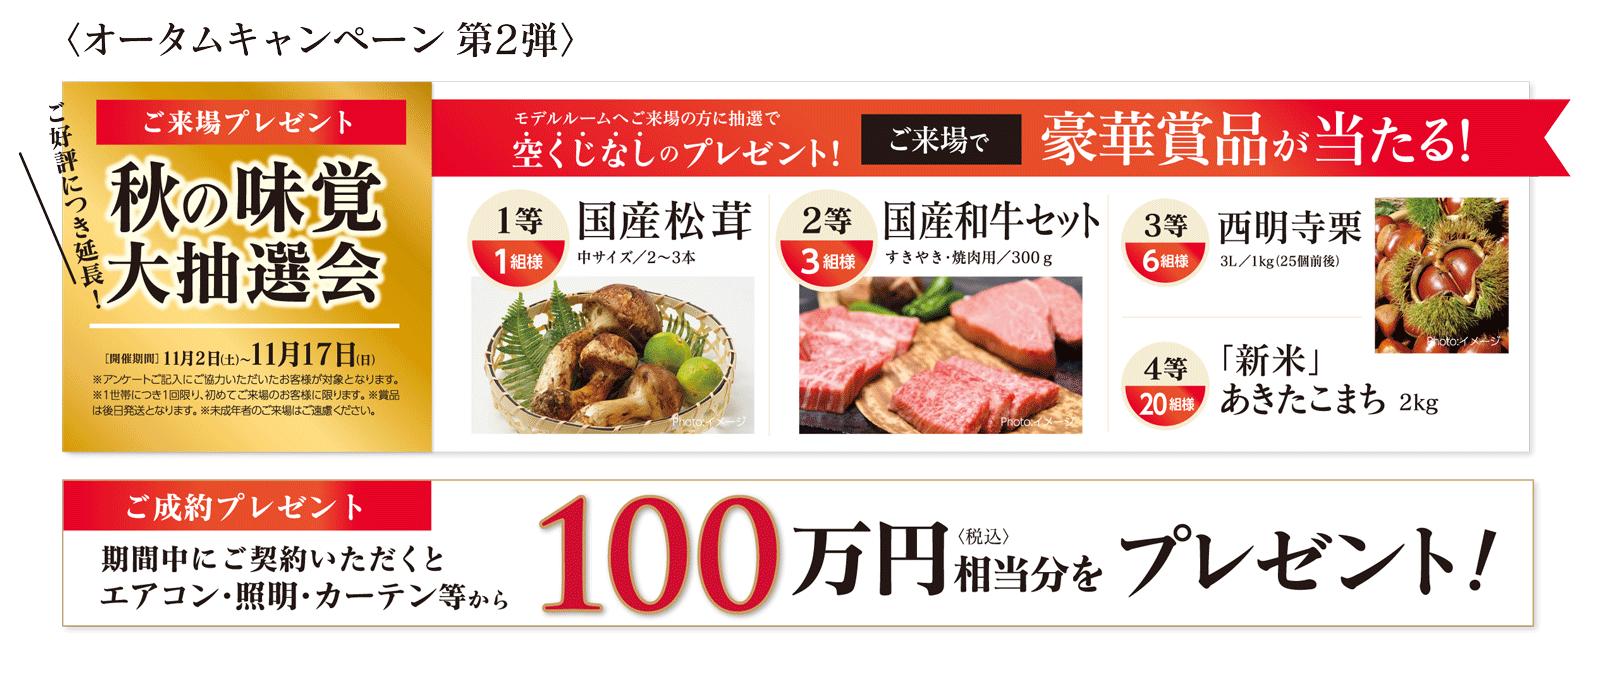 オータムキャンペーン第2弾 秋の味覚大抽選会(11月2日~           11月17日)